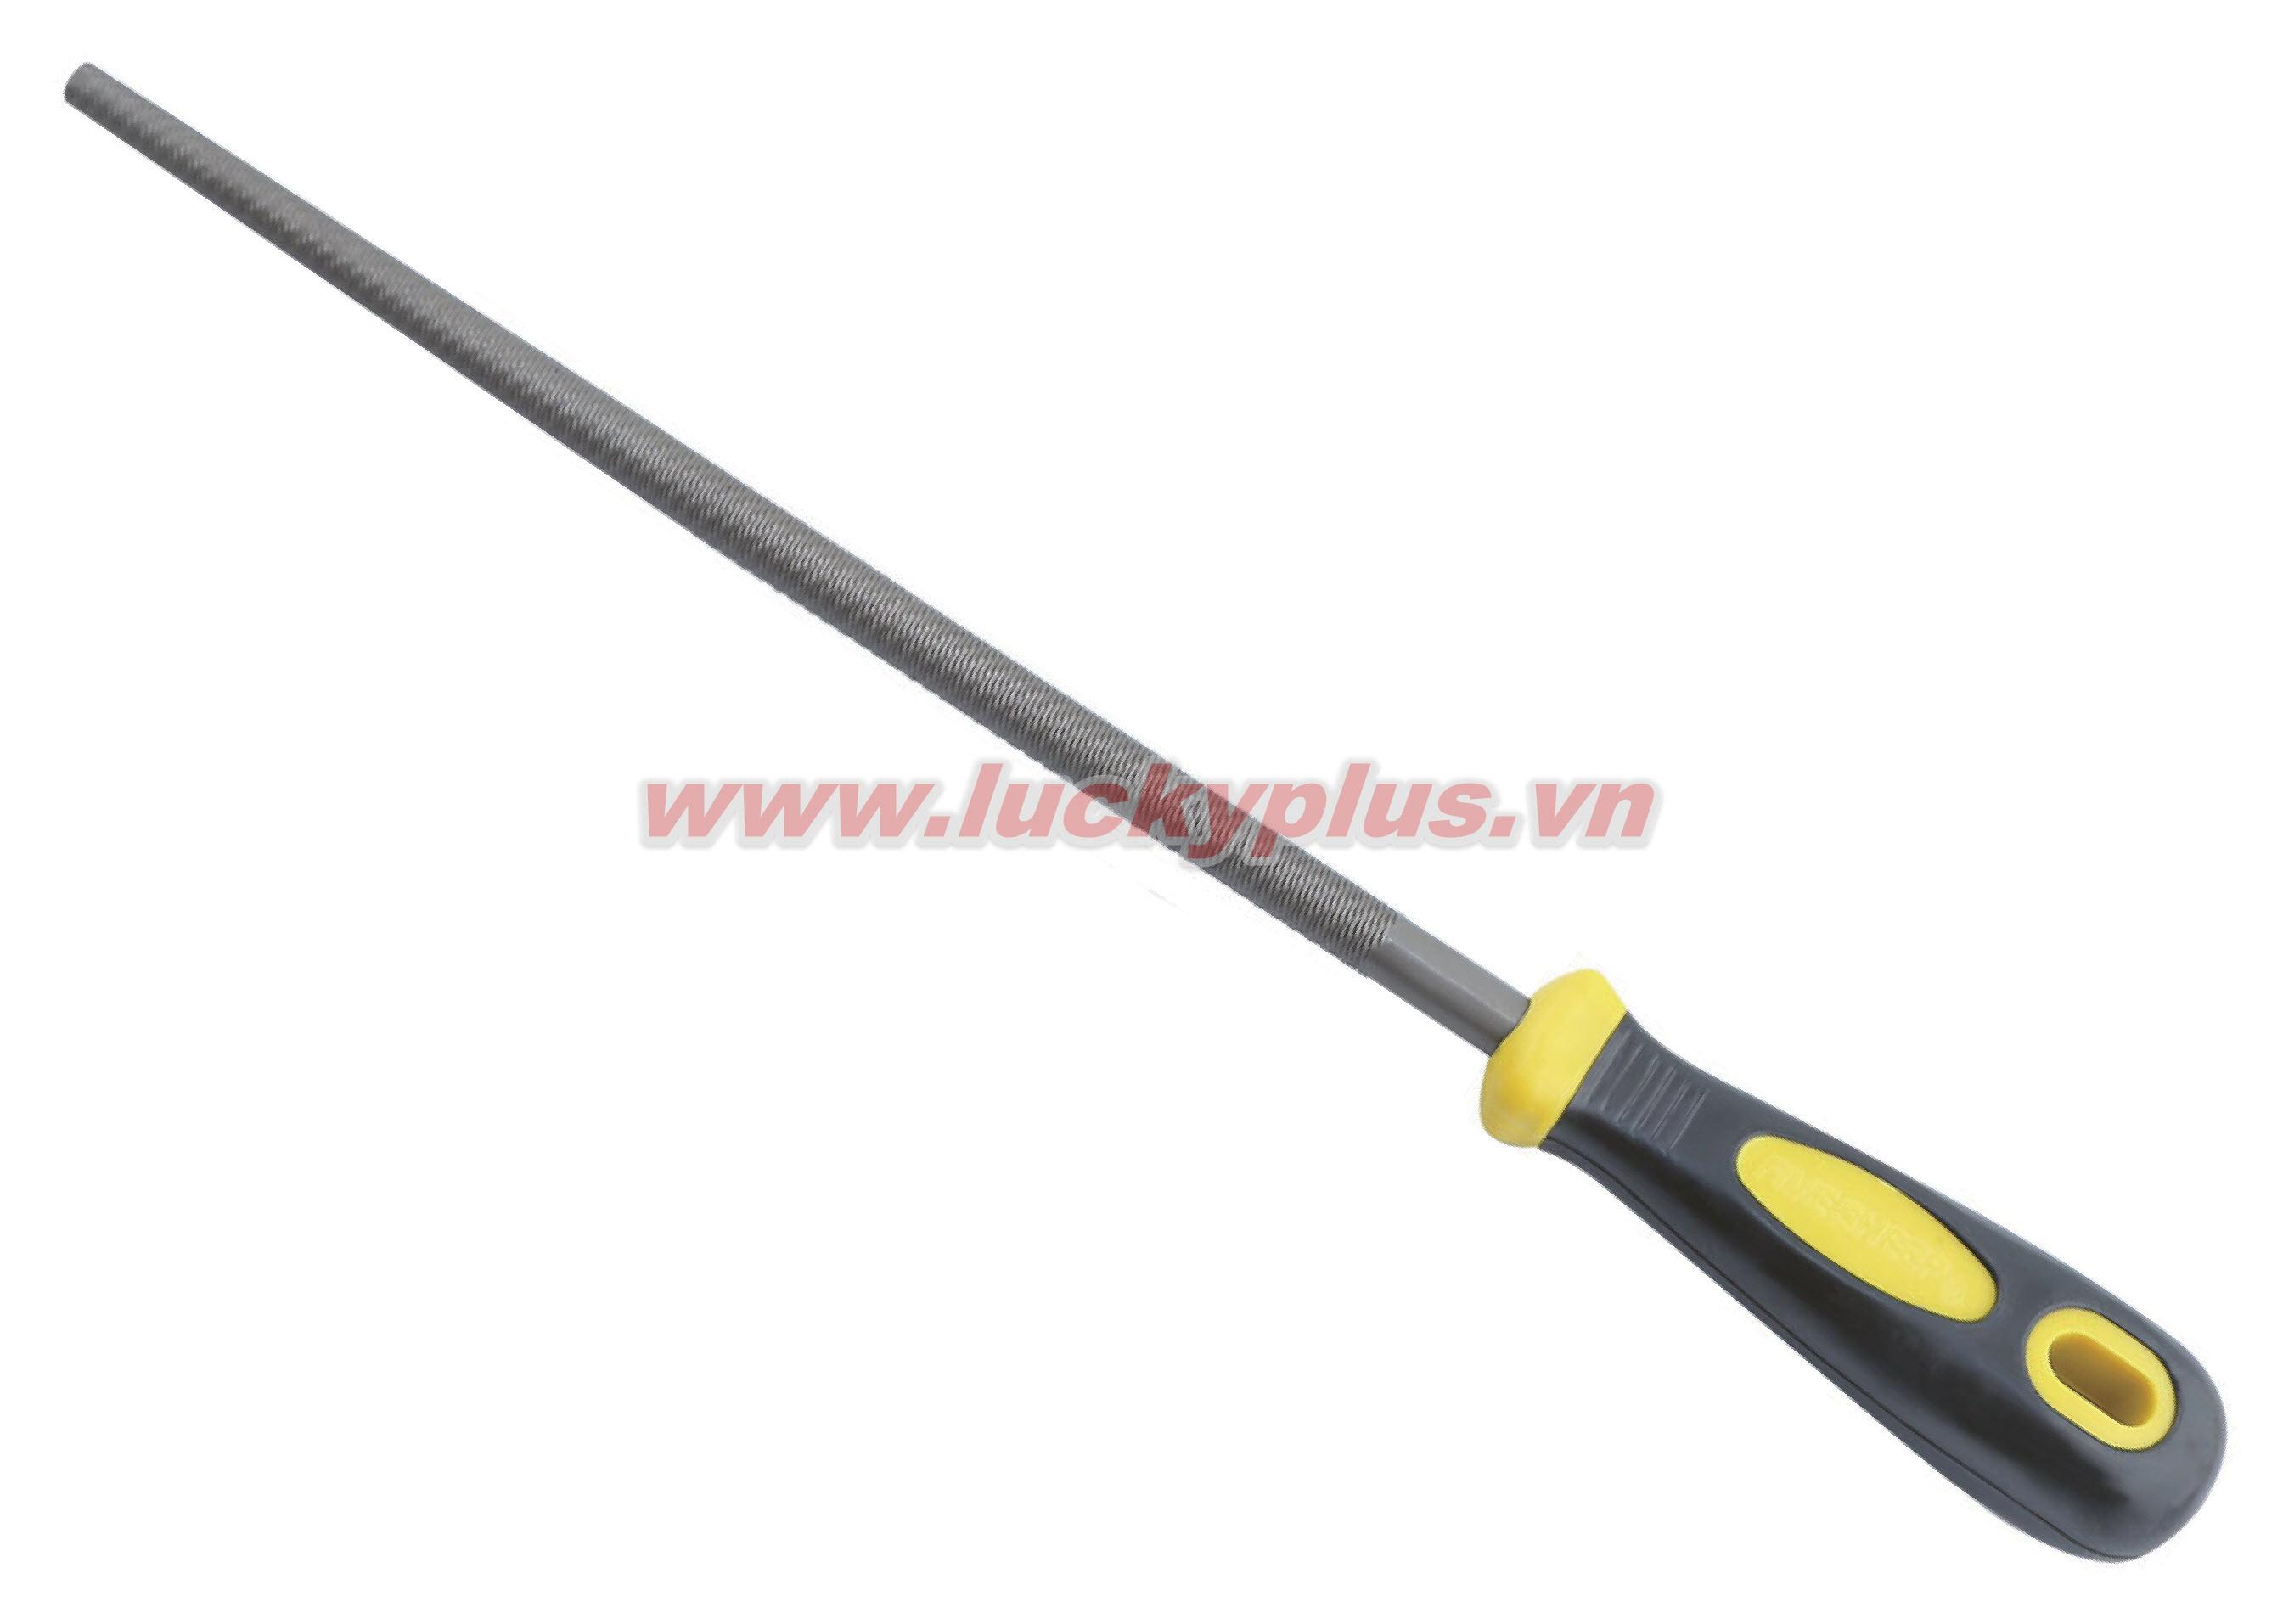 Dũa sắt FiveSheep FS-53506 6'', FS-53508 8'', FS-53510 10'', FS-53512 12''